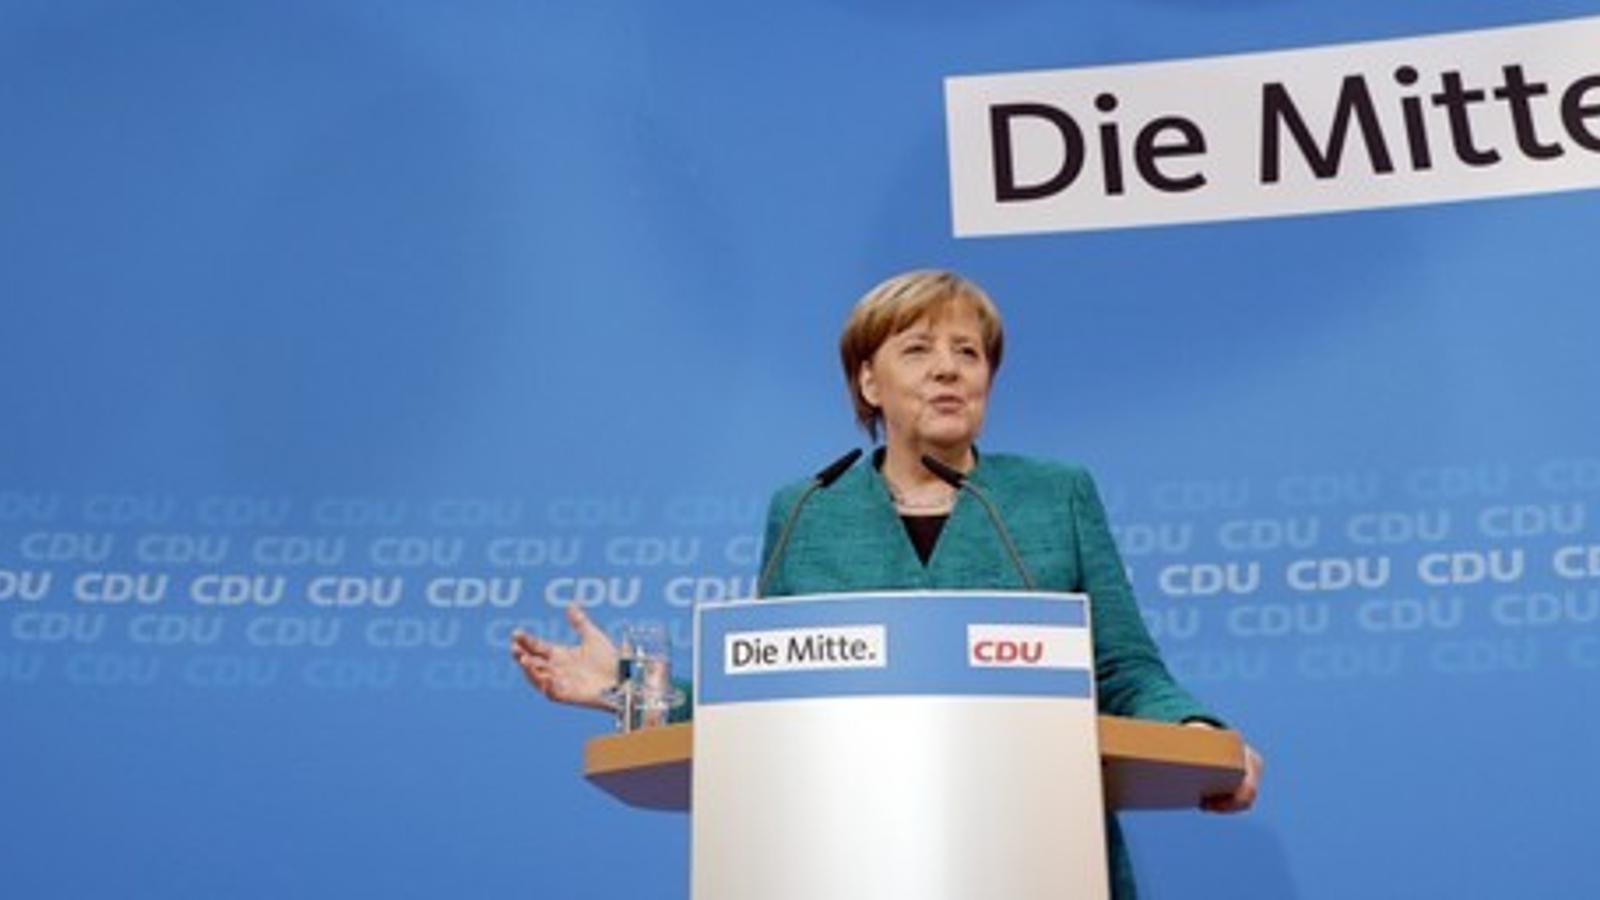 Merkel intervé davant de la premsa per explicar els acords presos per la direcció de la CDU.